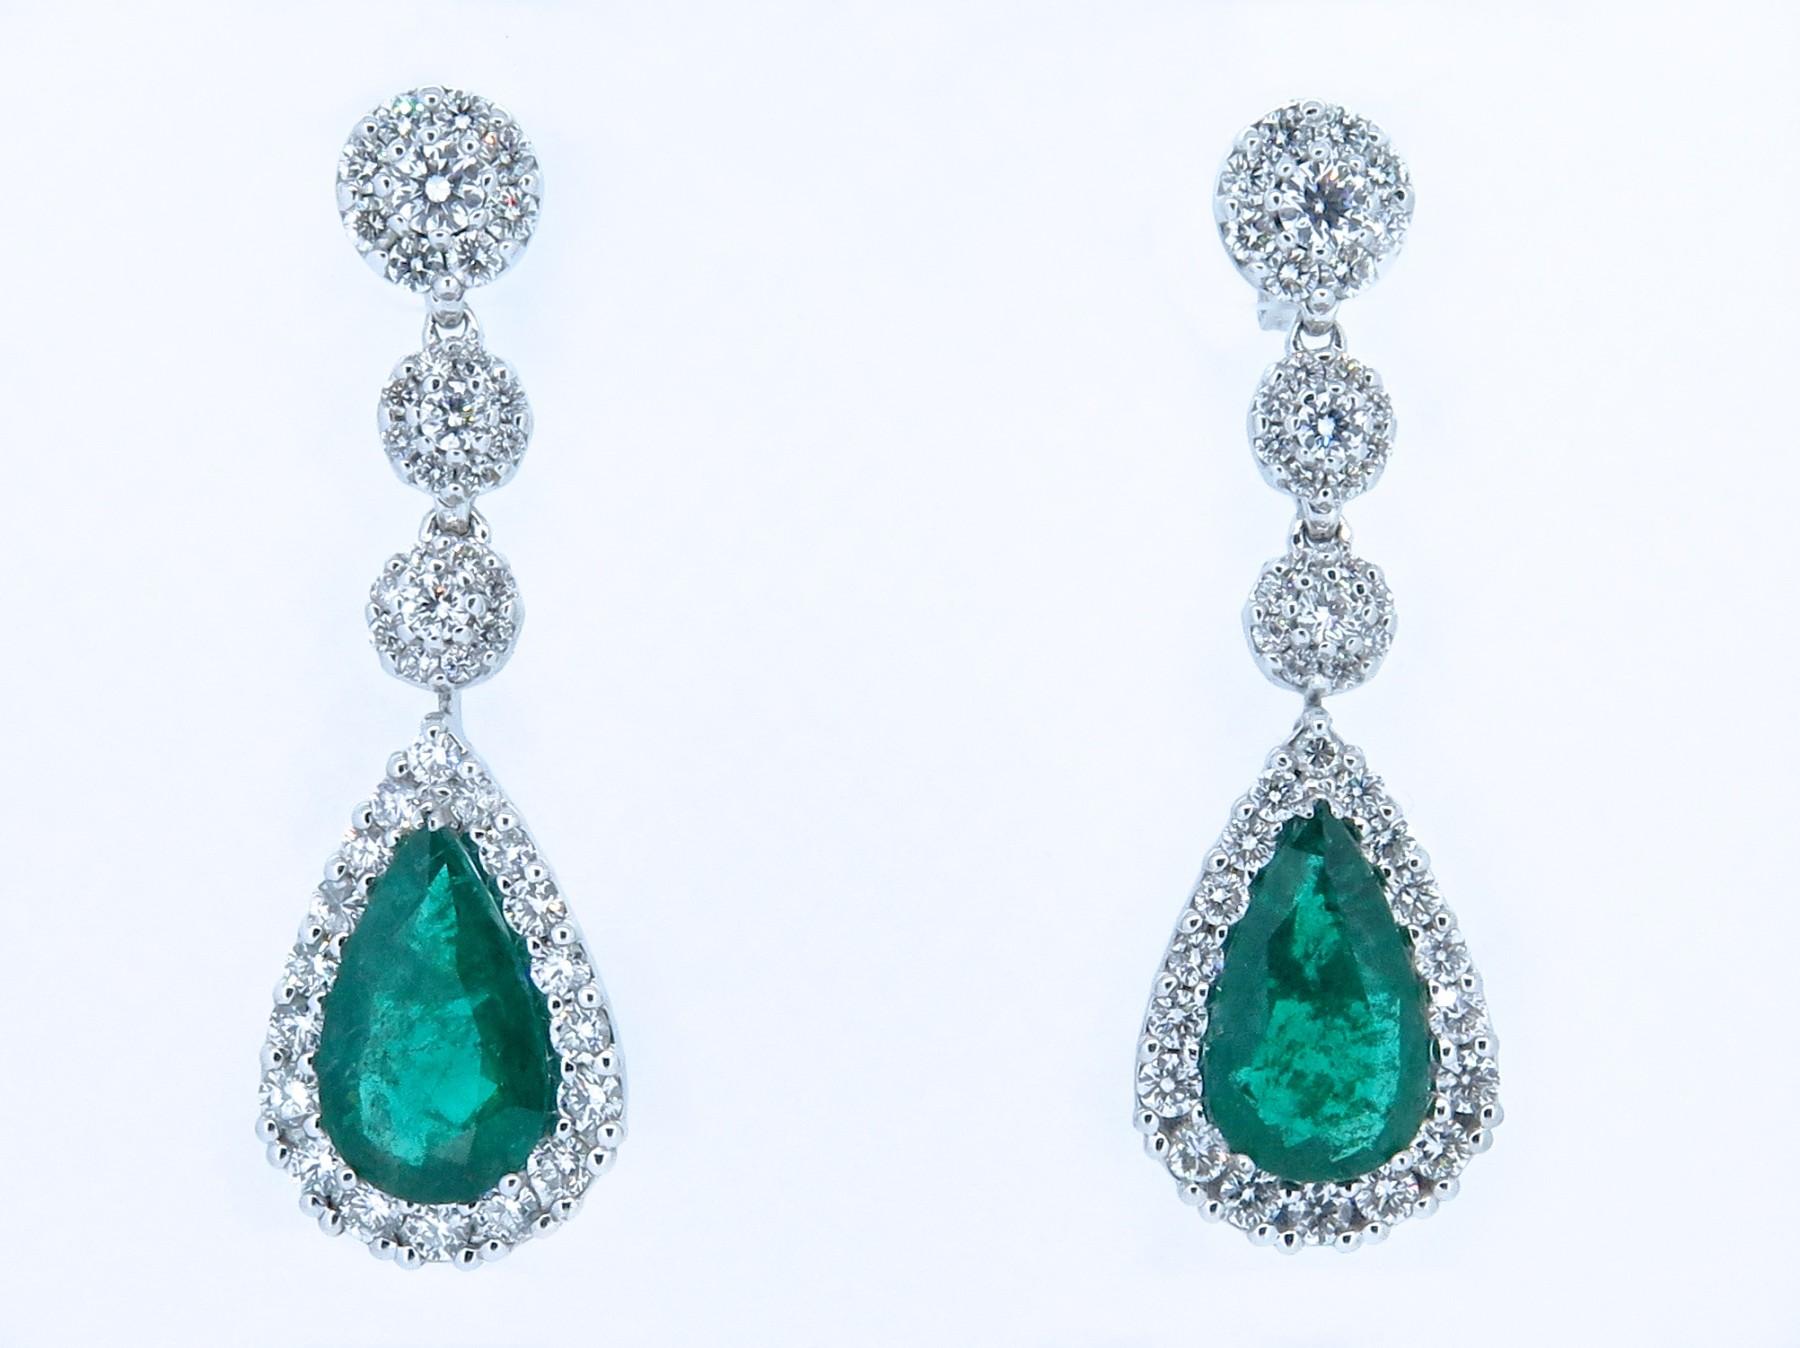 Eccezionale Orecchini pendenti con smeraldi   Liviano Soprani   Taglieria  EH56